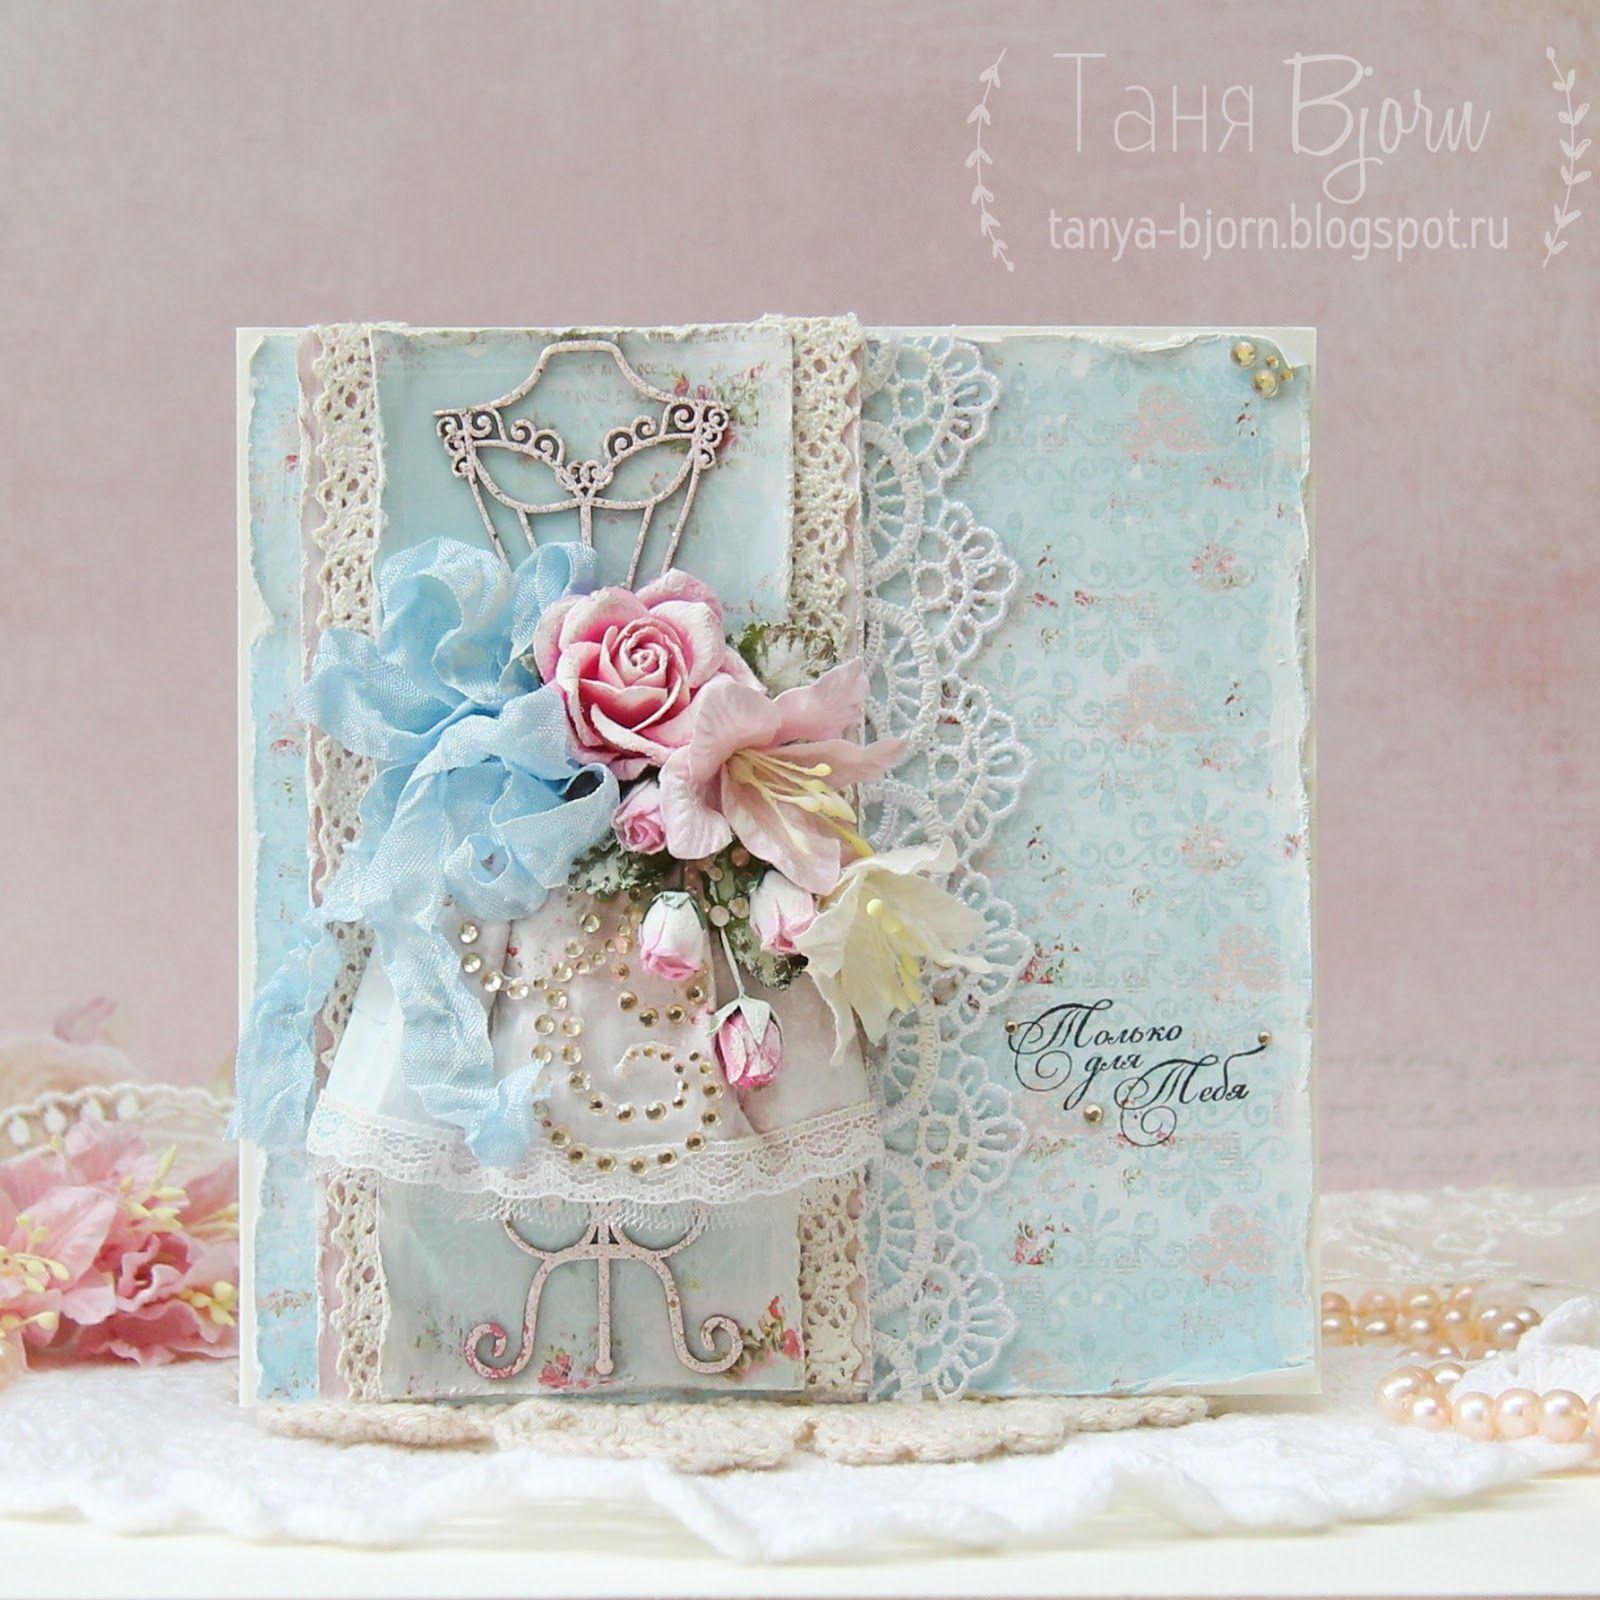 Лебеди, многослойные скрап открытки с днем рождения